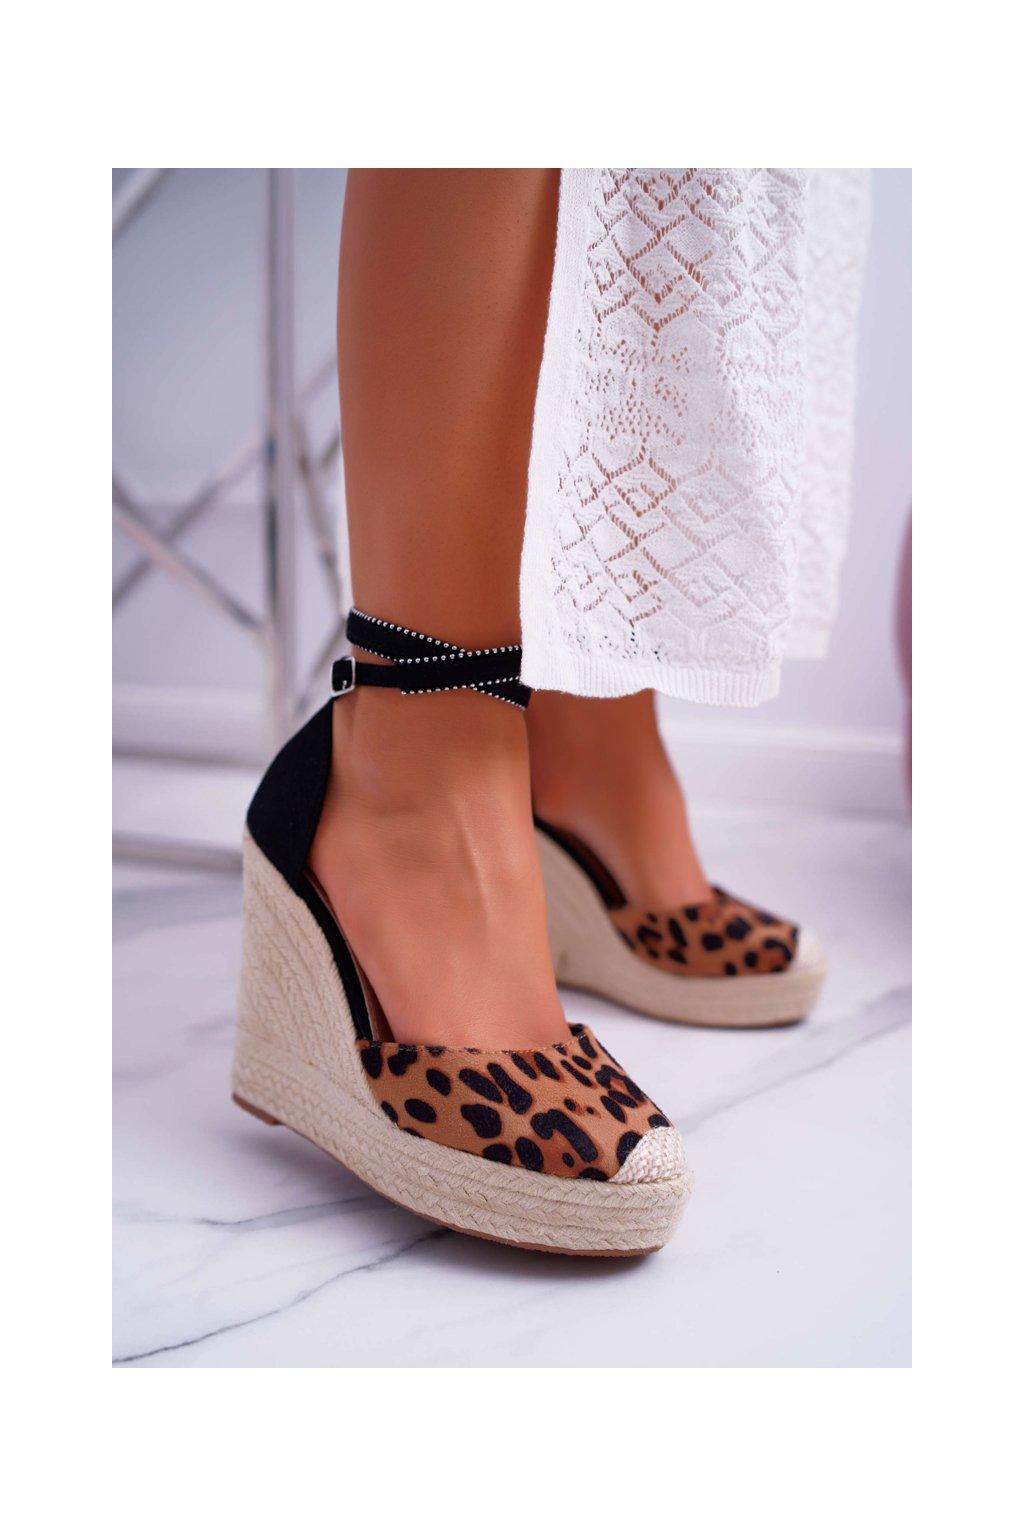 Dámske sandále na klíne Leopard Canterola 100-932 LEO